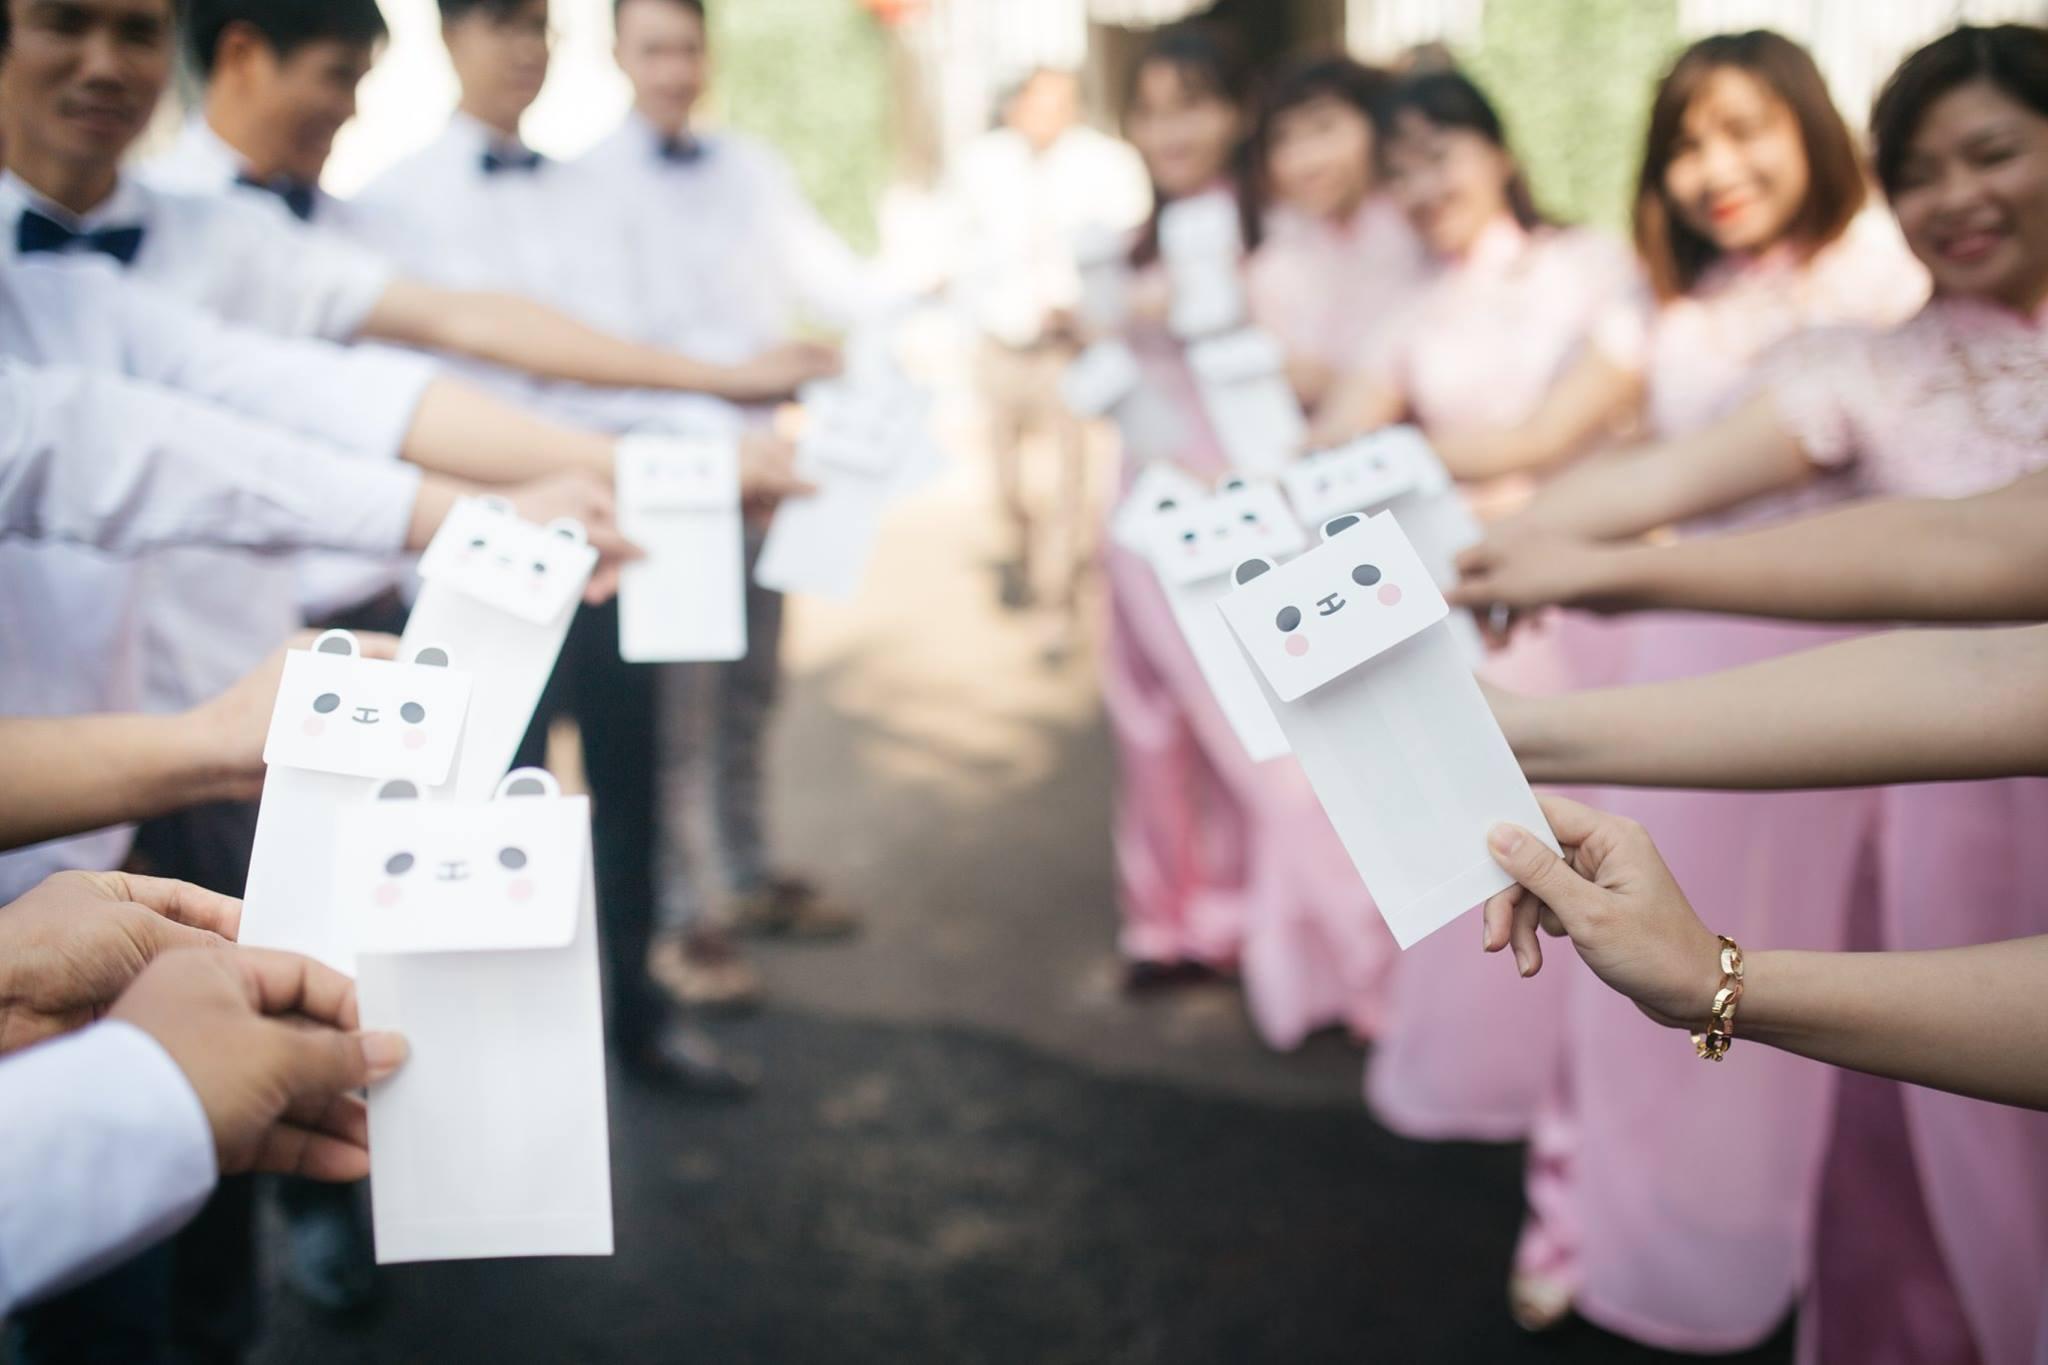 phóng sự cưới bmt , chụp ảnh phóng sự cưới buôn ma thuột , chụp hình phóng sự đám hỏi , quay phóng sự cưới bmt